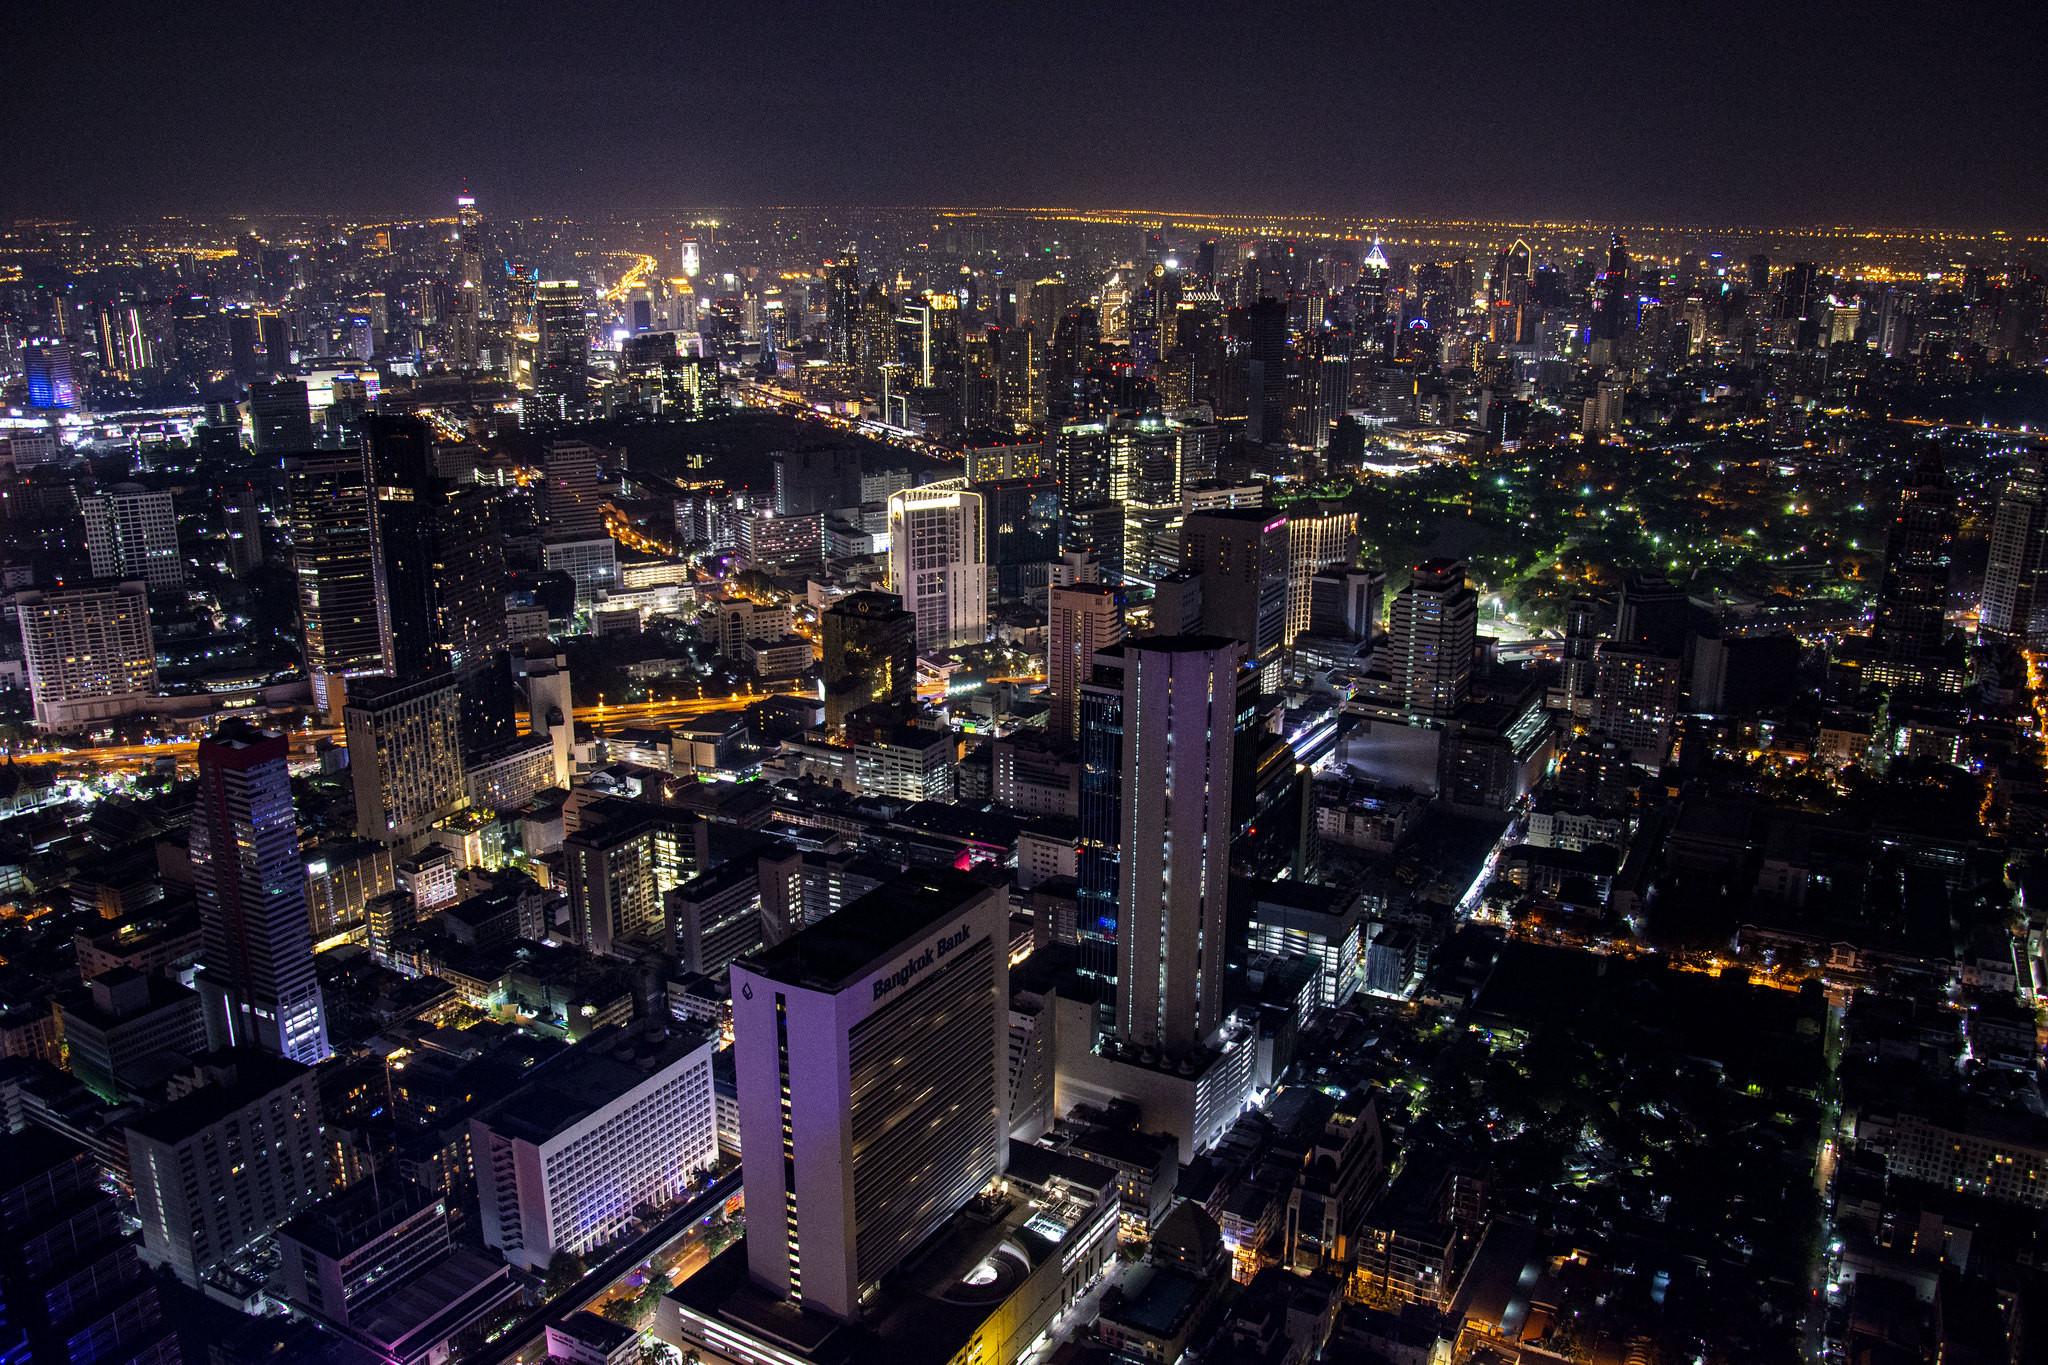 E25MIA Bangkok, Thailand